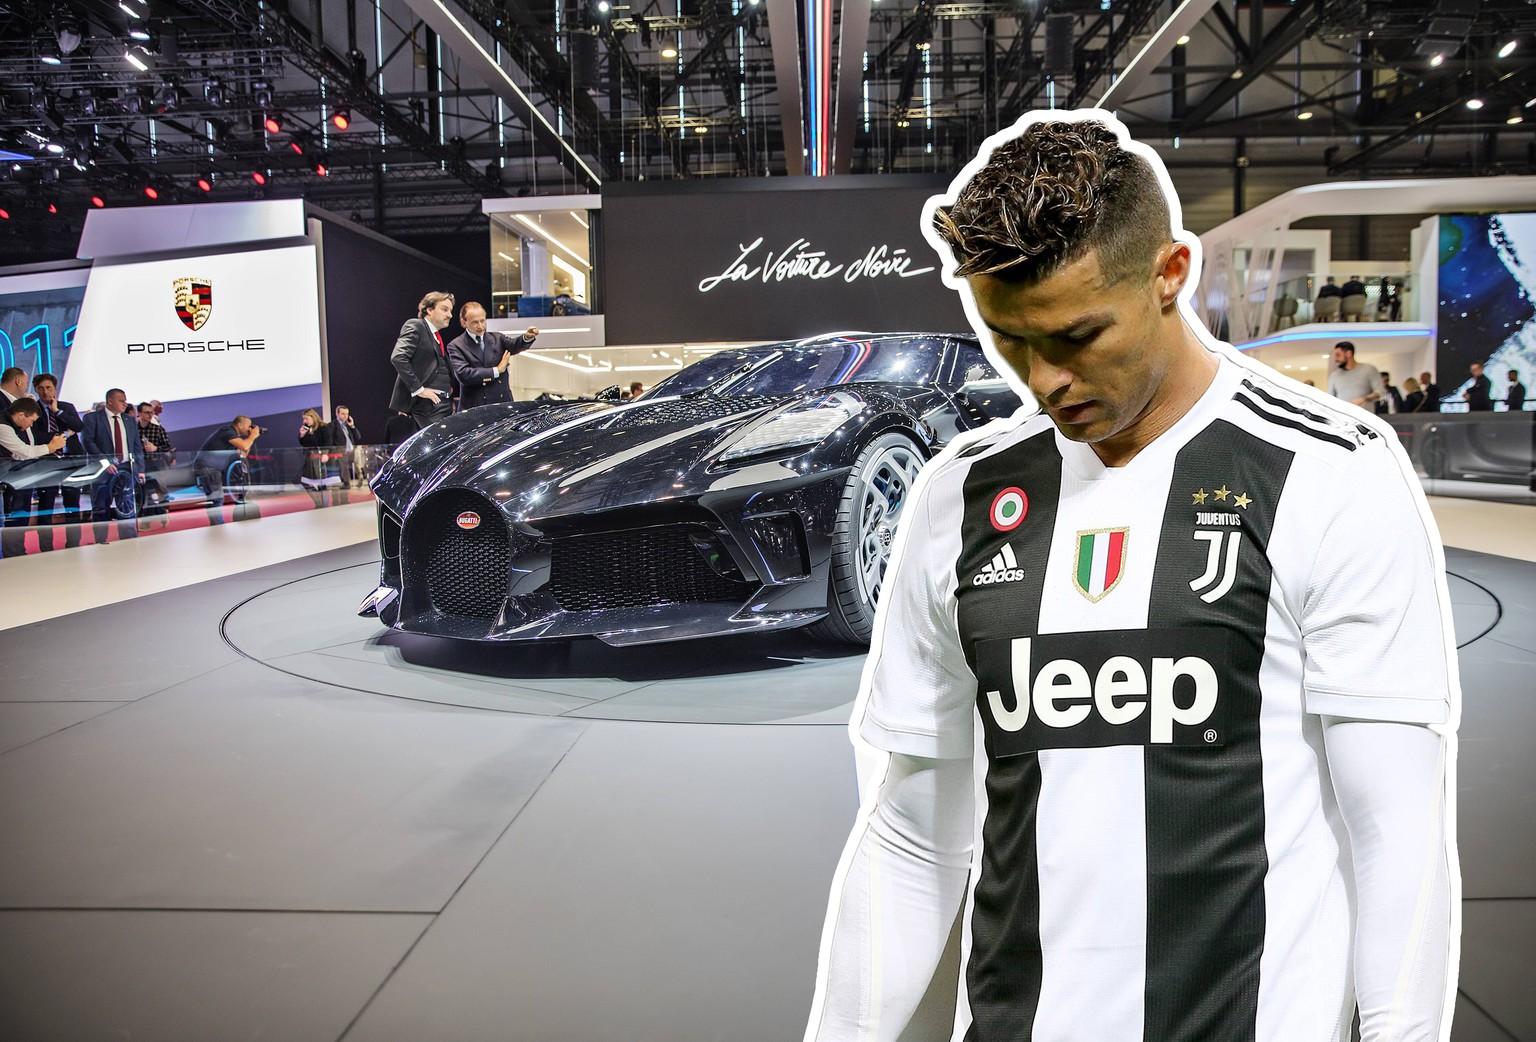 Cristiano ronaldo hat angeblich das teuerste auto der welt